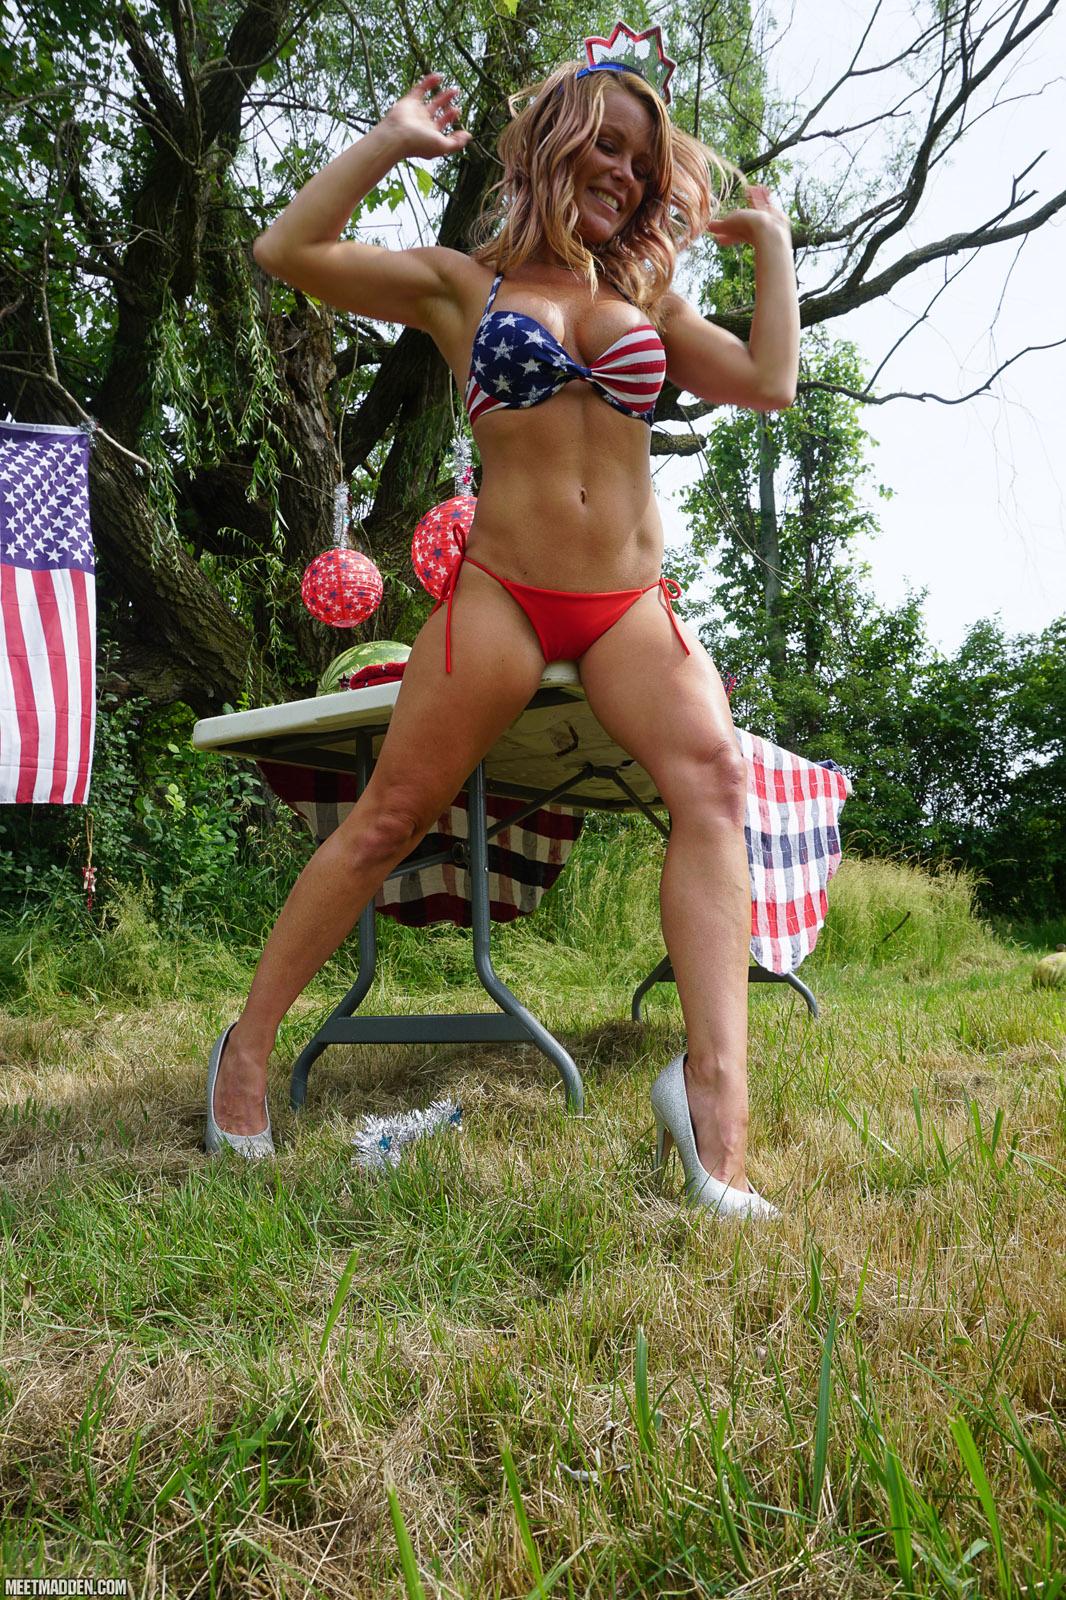 hottystop meet madden all american girl 4